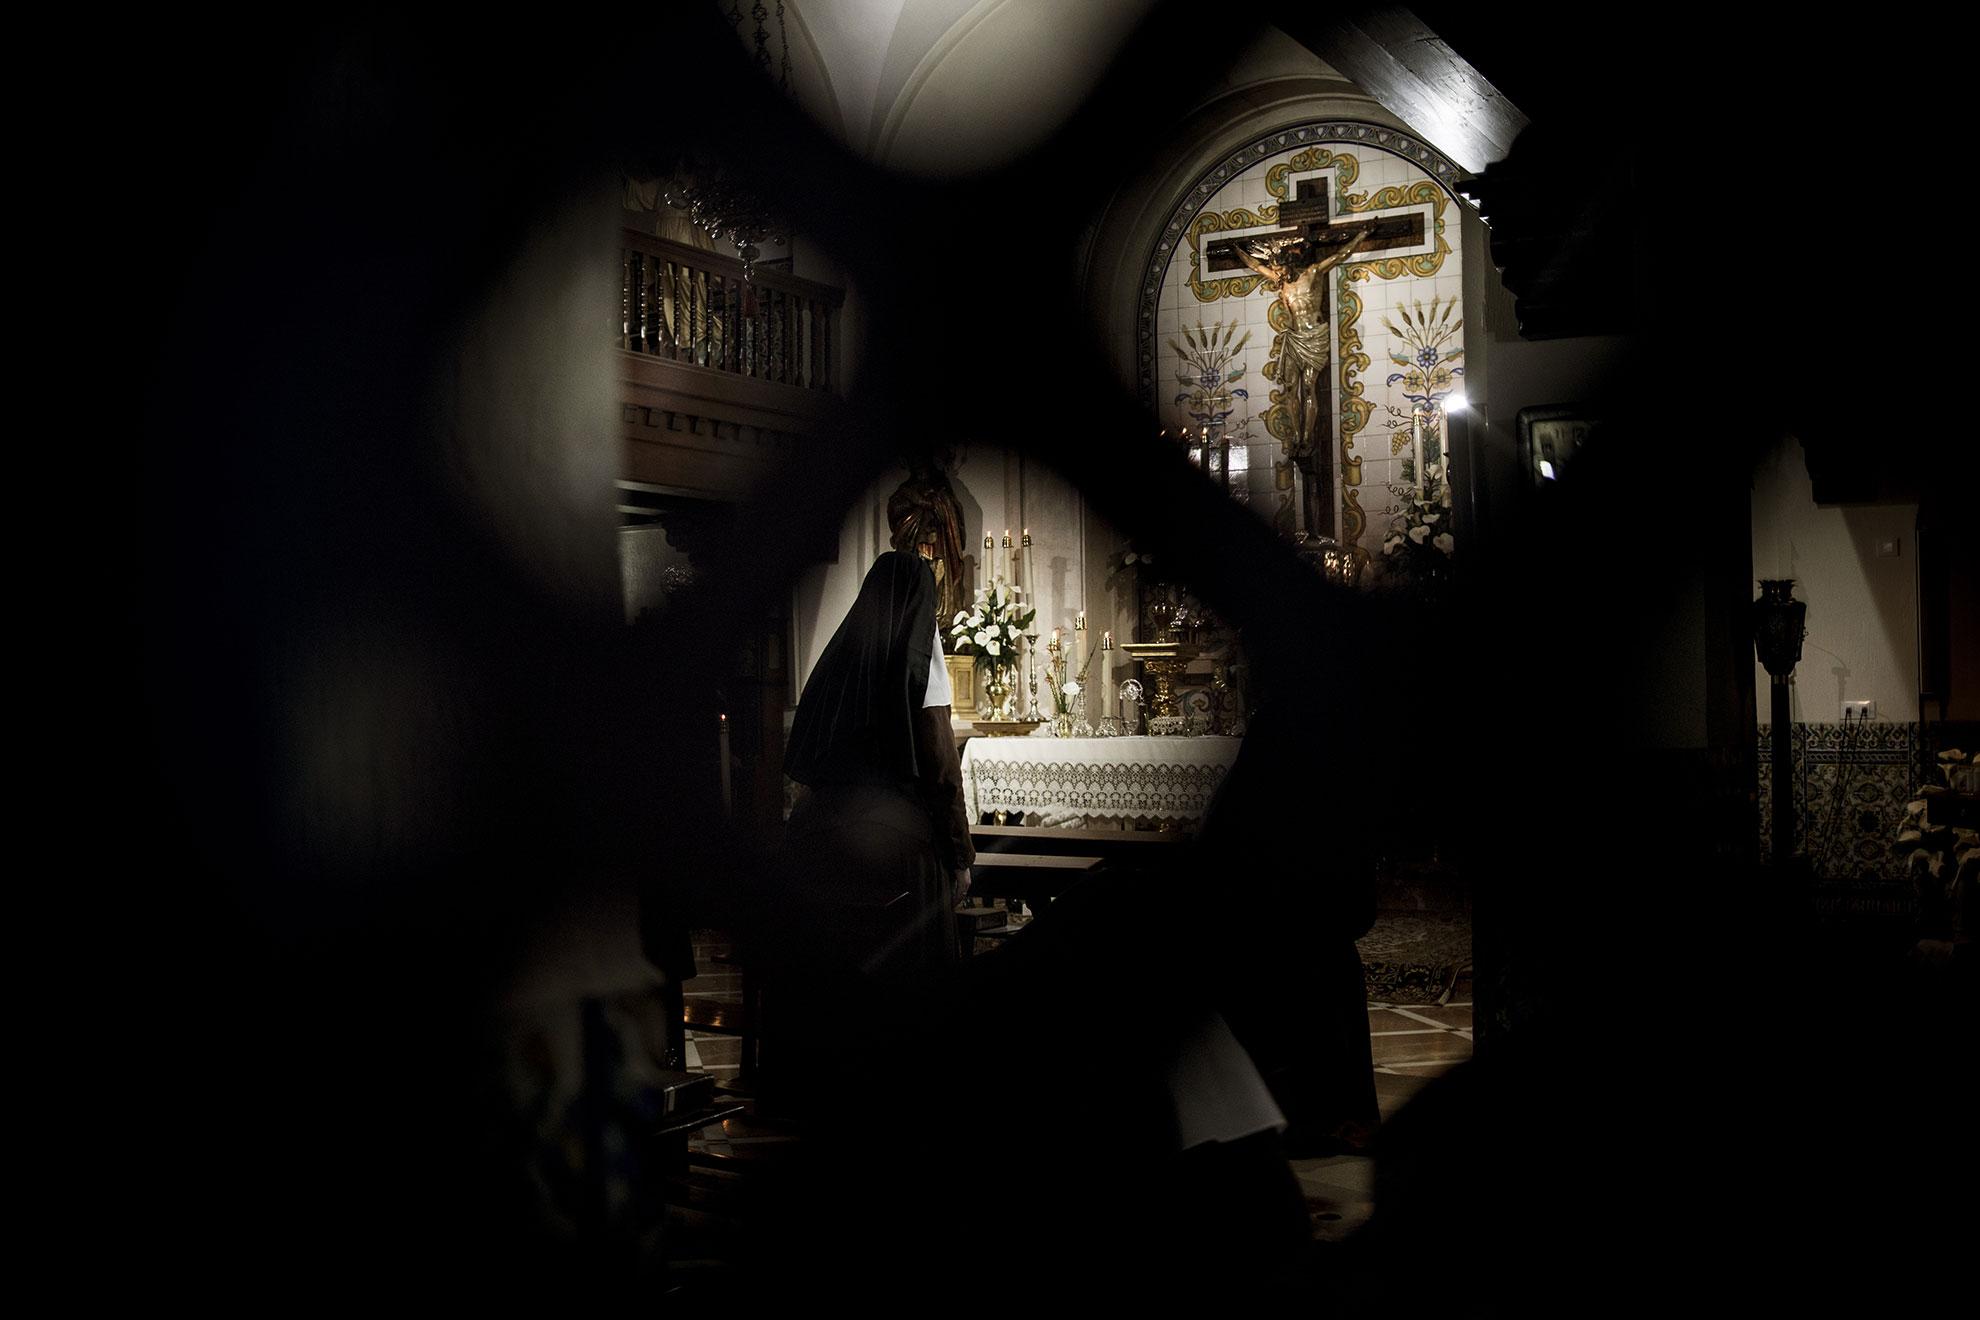 Monjas de clausura rezan durante el sexto día de confinamiento domiciliario declarado por el gobierno a raíz del brote de COVID19. En Jerez, España, el jueves 19 de marzo de 2020 siguen celebrándose misas en diferentes parroquias de la ciudad.